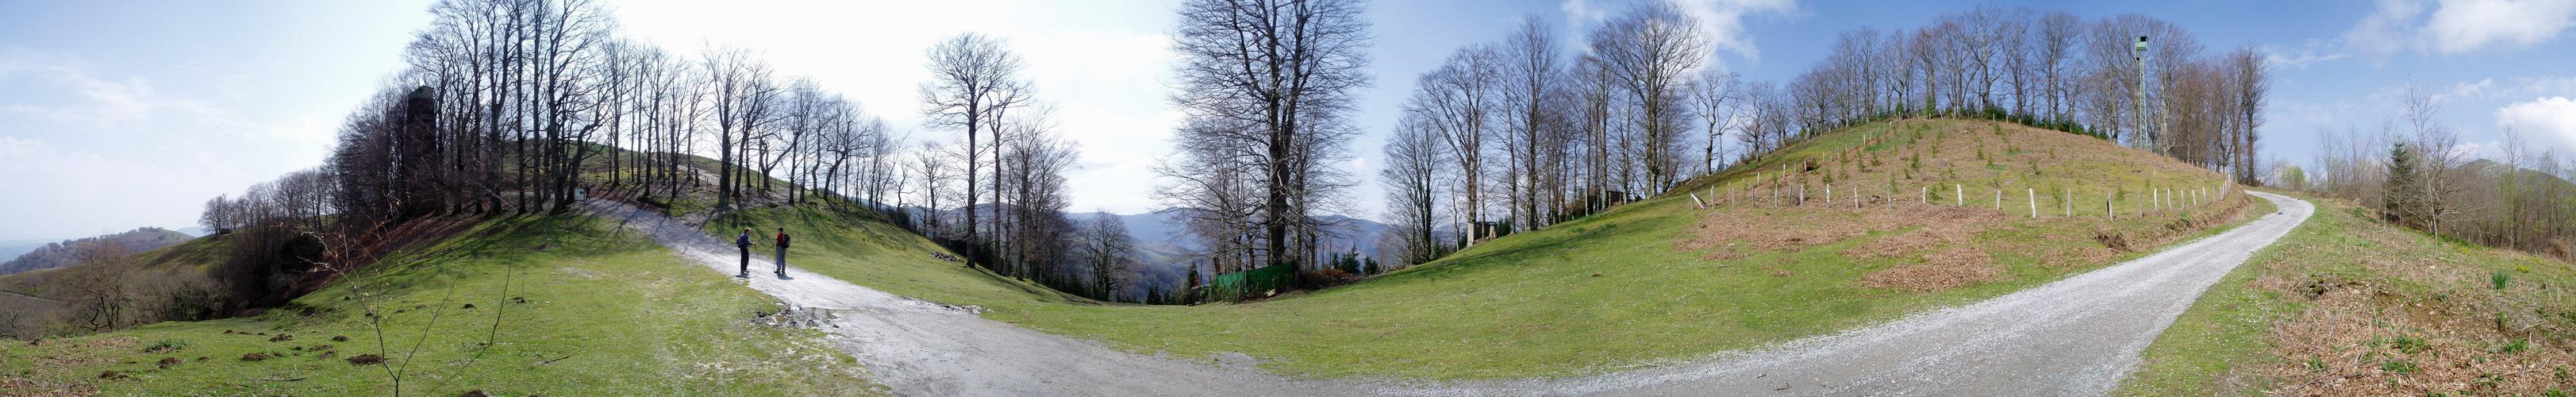 http://www.euskal-herria.org/argazki/2008/03/286_15623.jpg